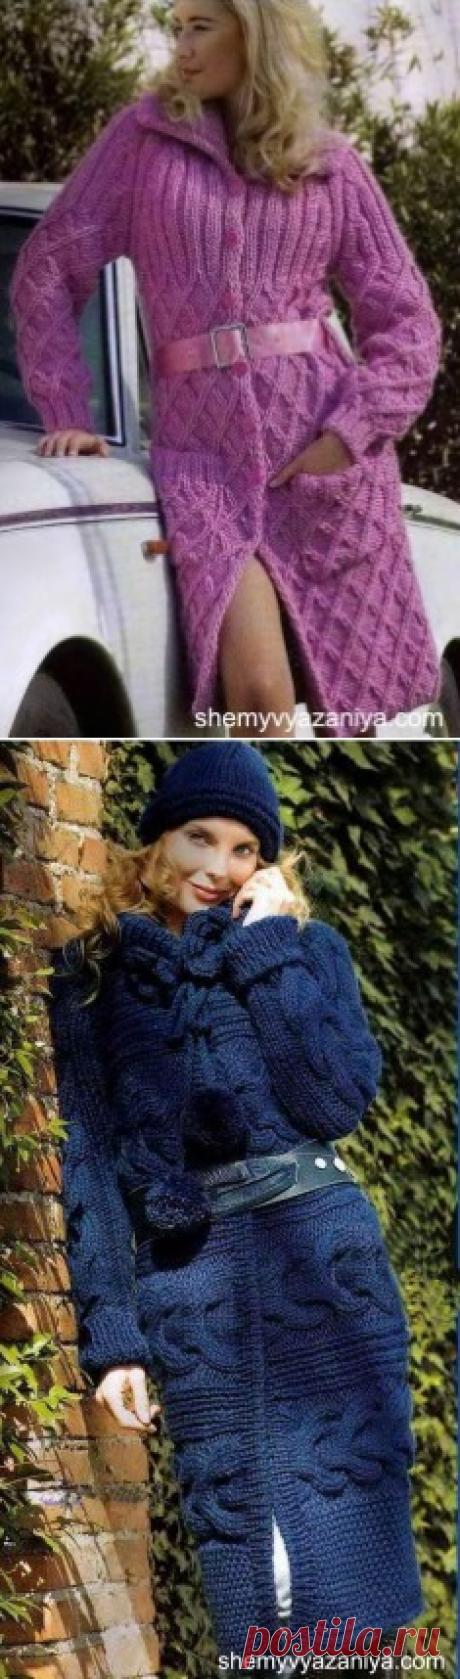 Пальто » Схемы вязания